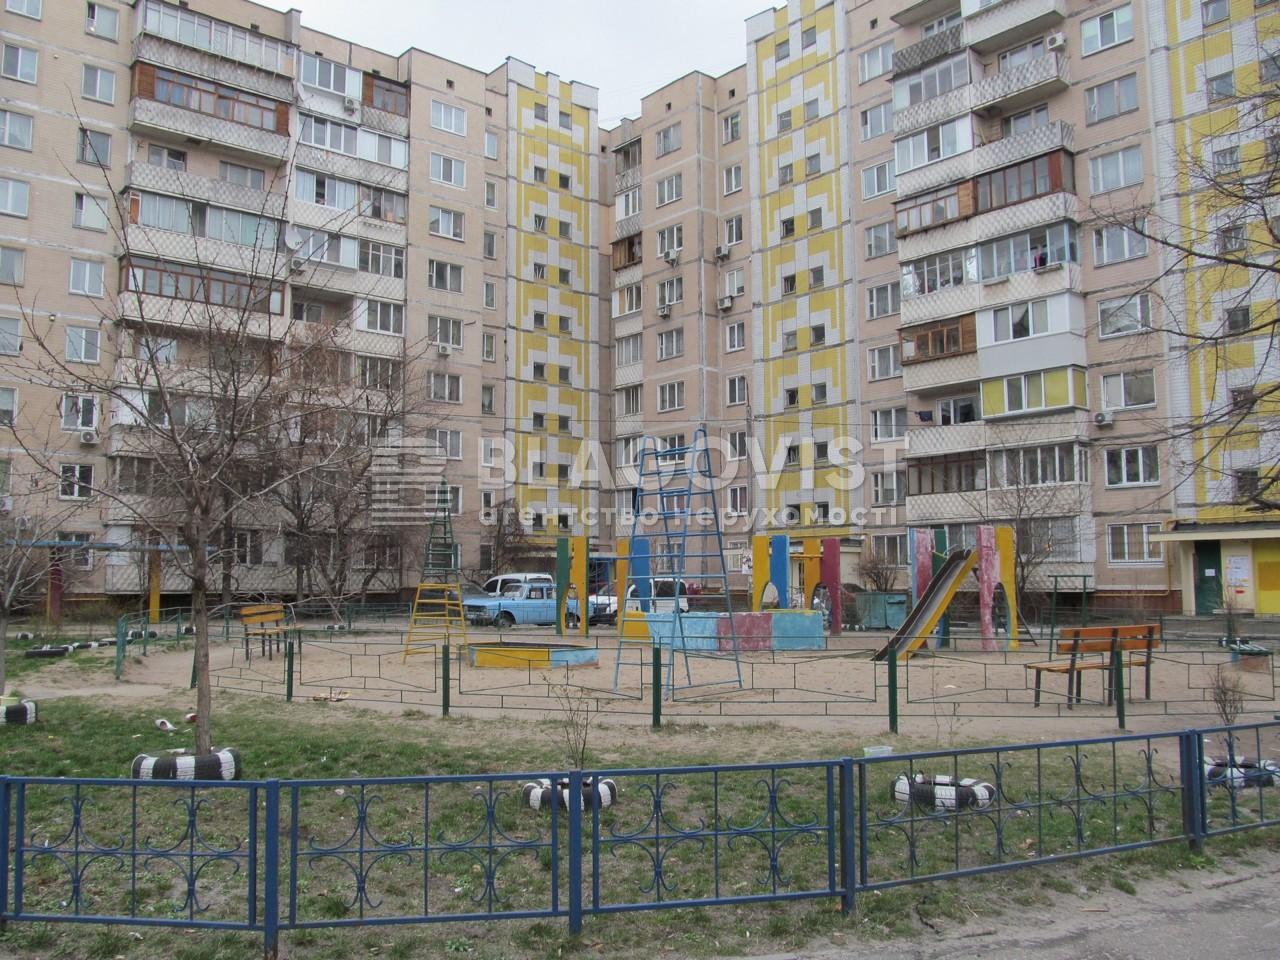 Квартира D-36618, Лифаря Сержа (Сабурова Александра), 5, Киев - Фото 1